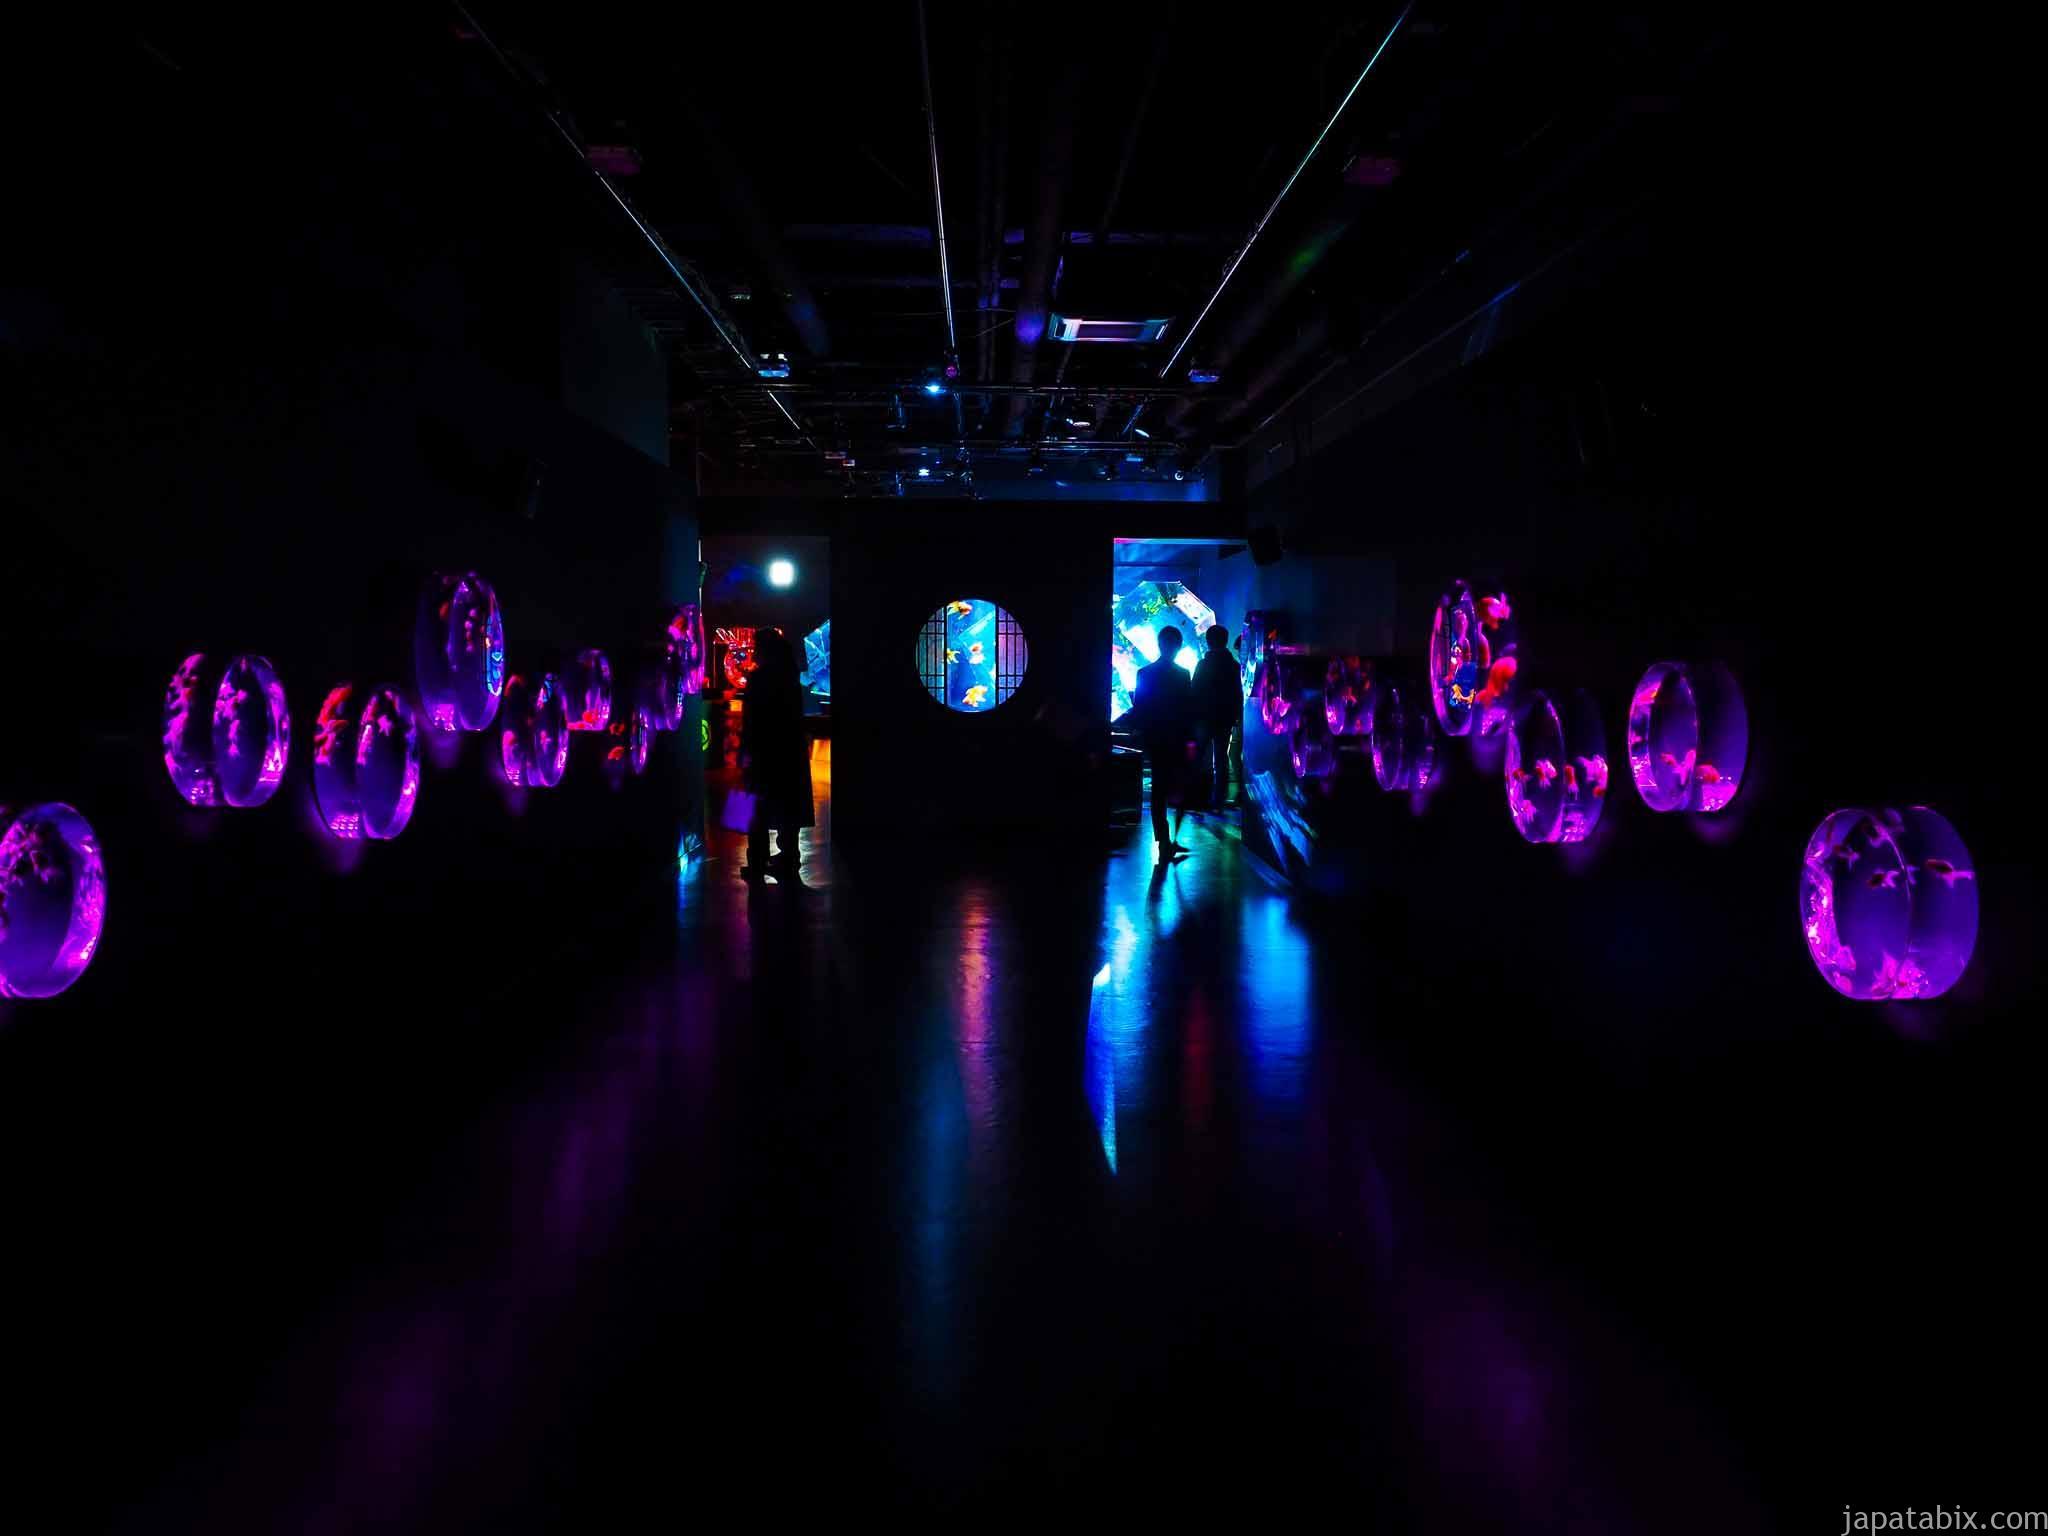 アートアクアリウム美術館 金魚コレクション 平日夜20時頃の混雑具合